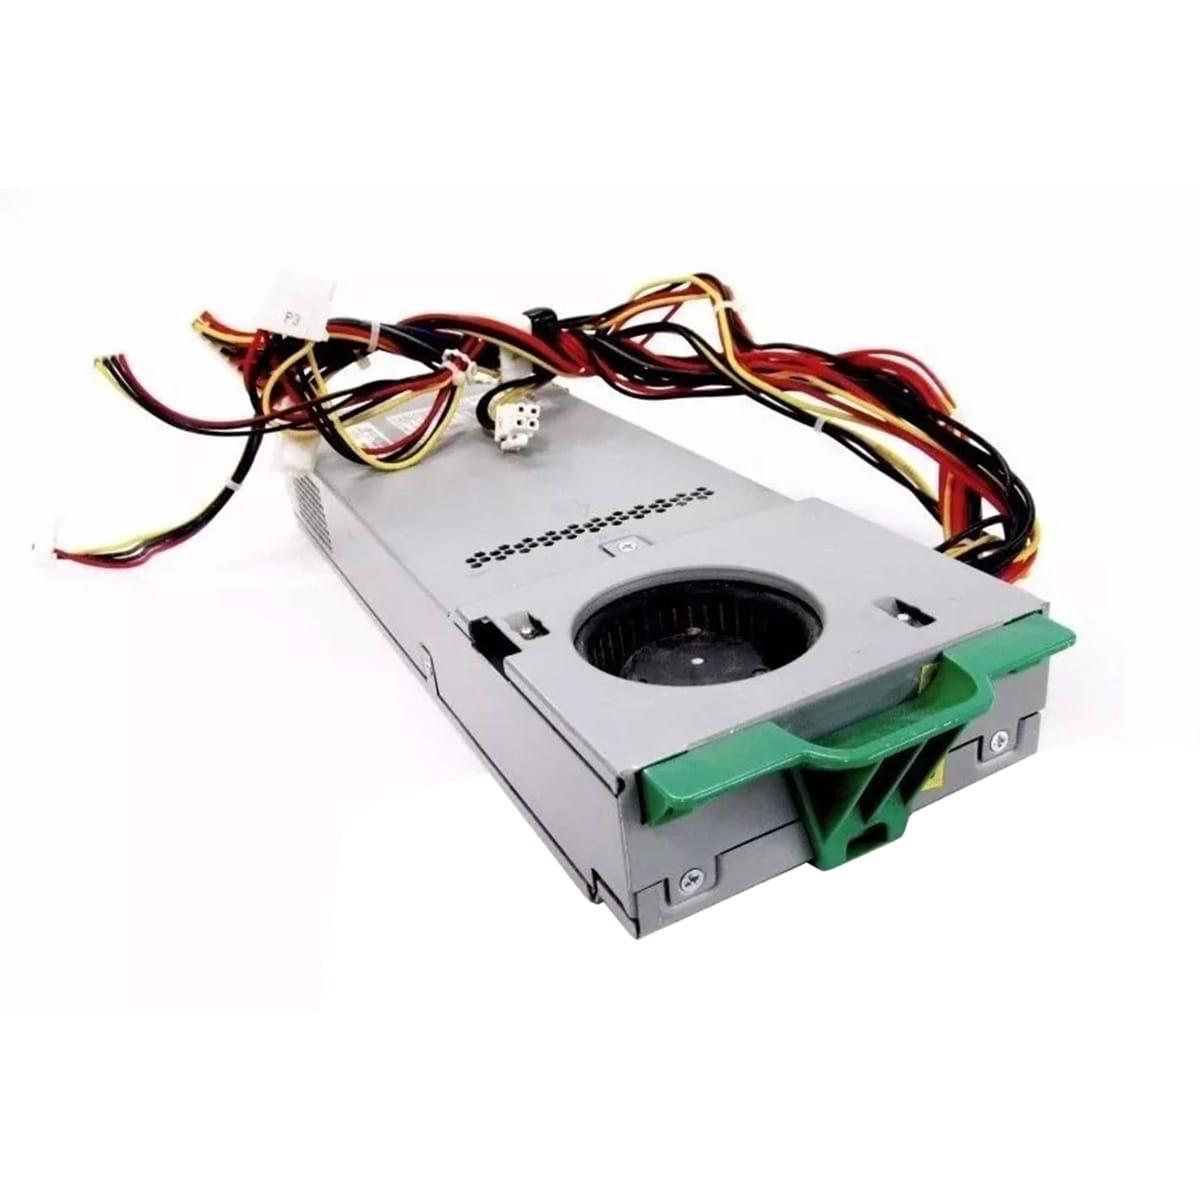 Fonte Dell NPS-180BB 180w p/ GX240 GX260 GX270 GX60 GX50 - Usada